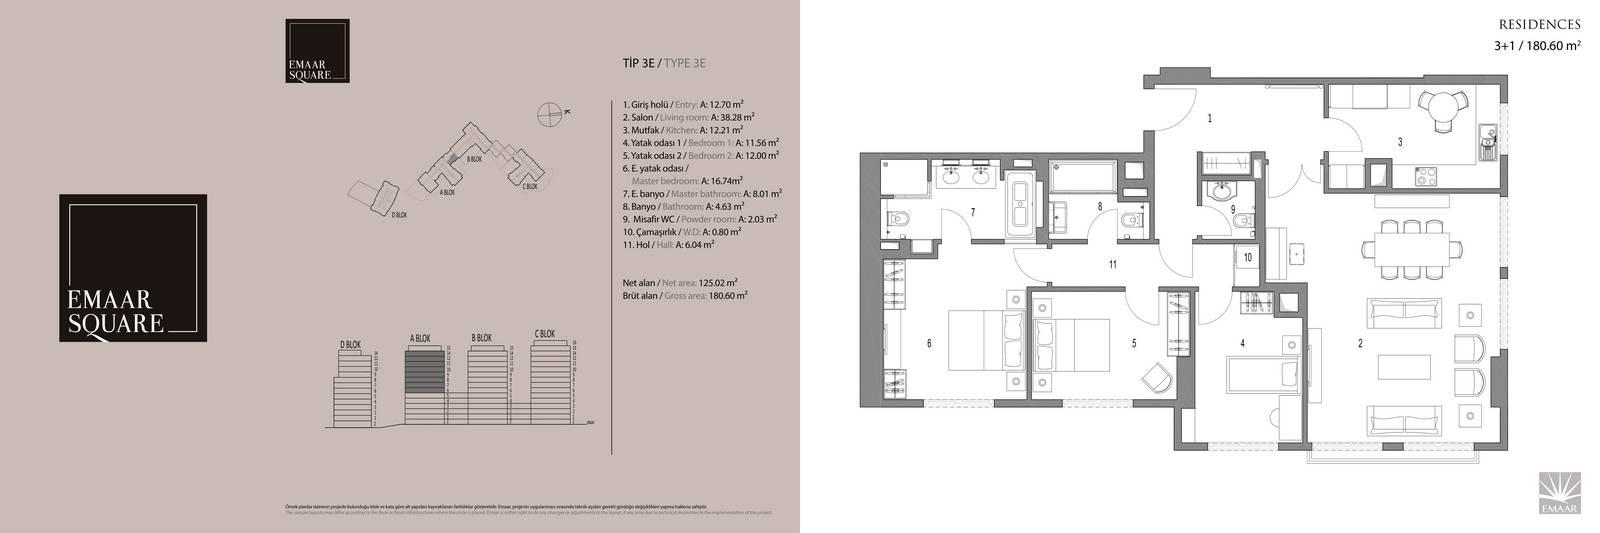 Emaar Square 3E